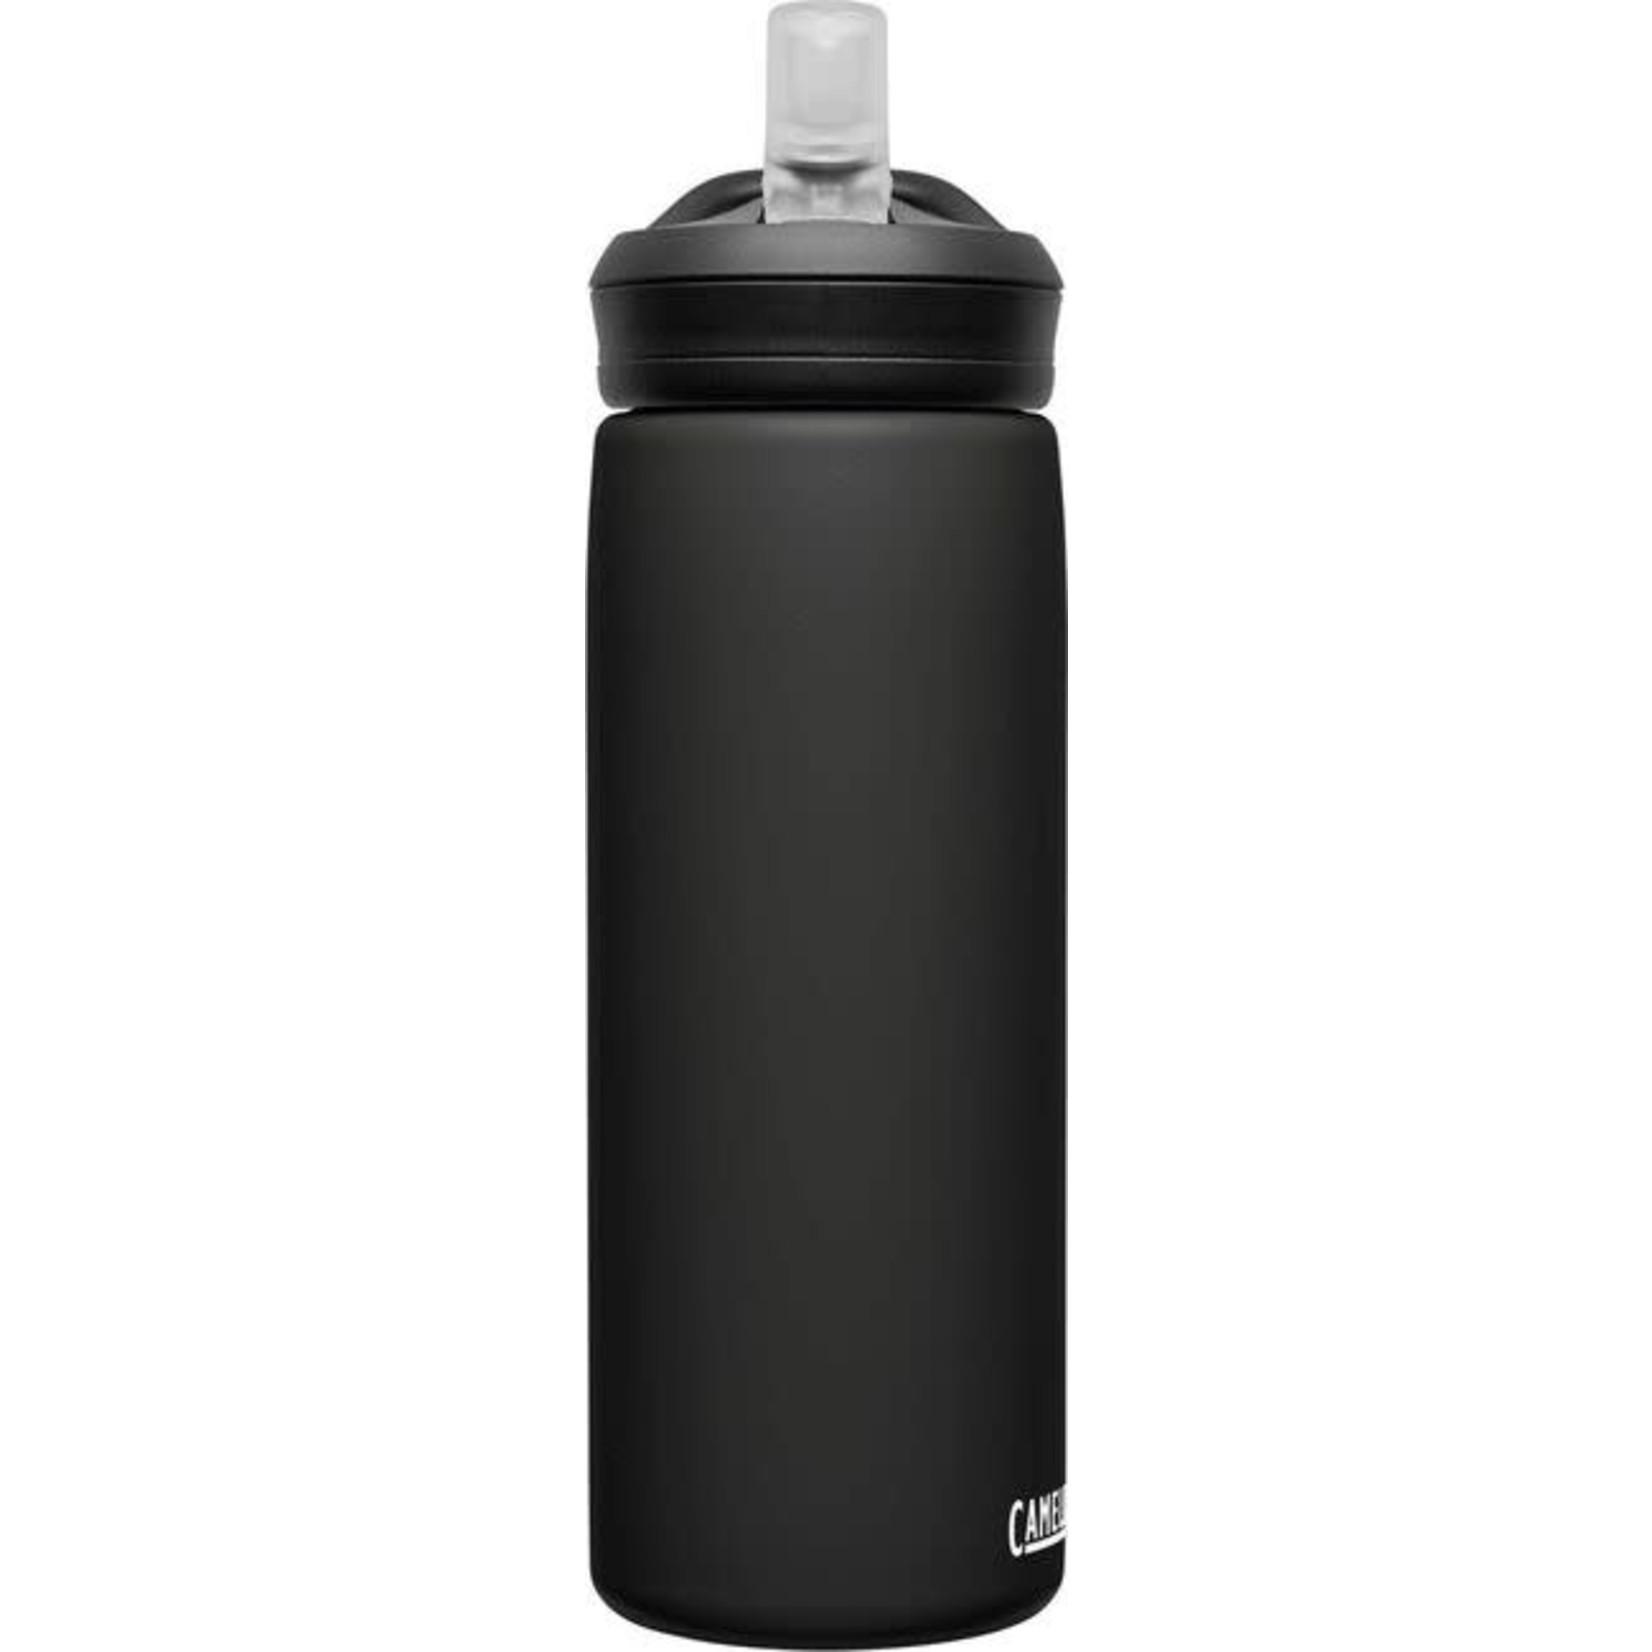 CAMELBAK Camelbak Eddy+ Insulated Stainless Steel Water bottle